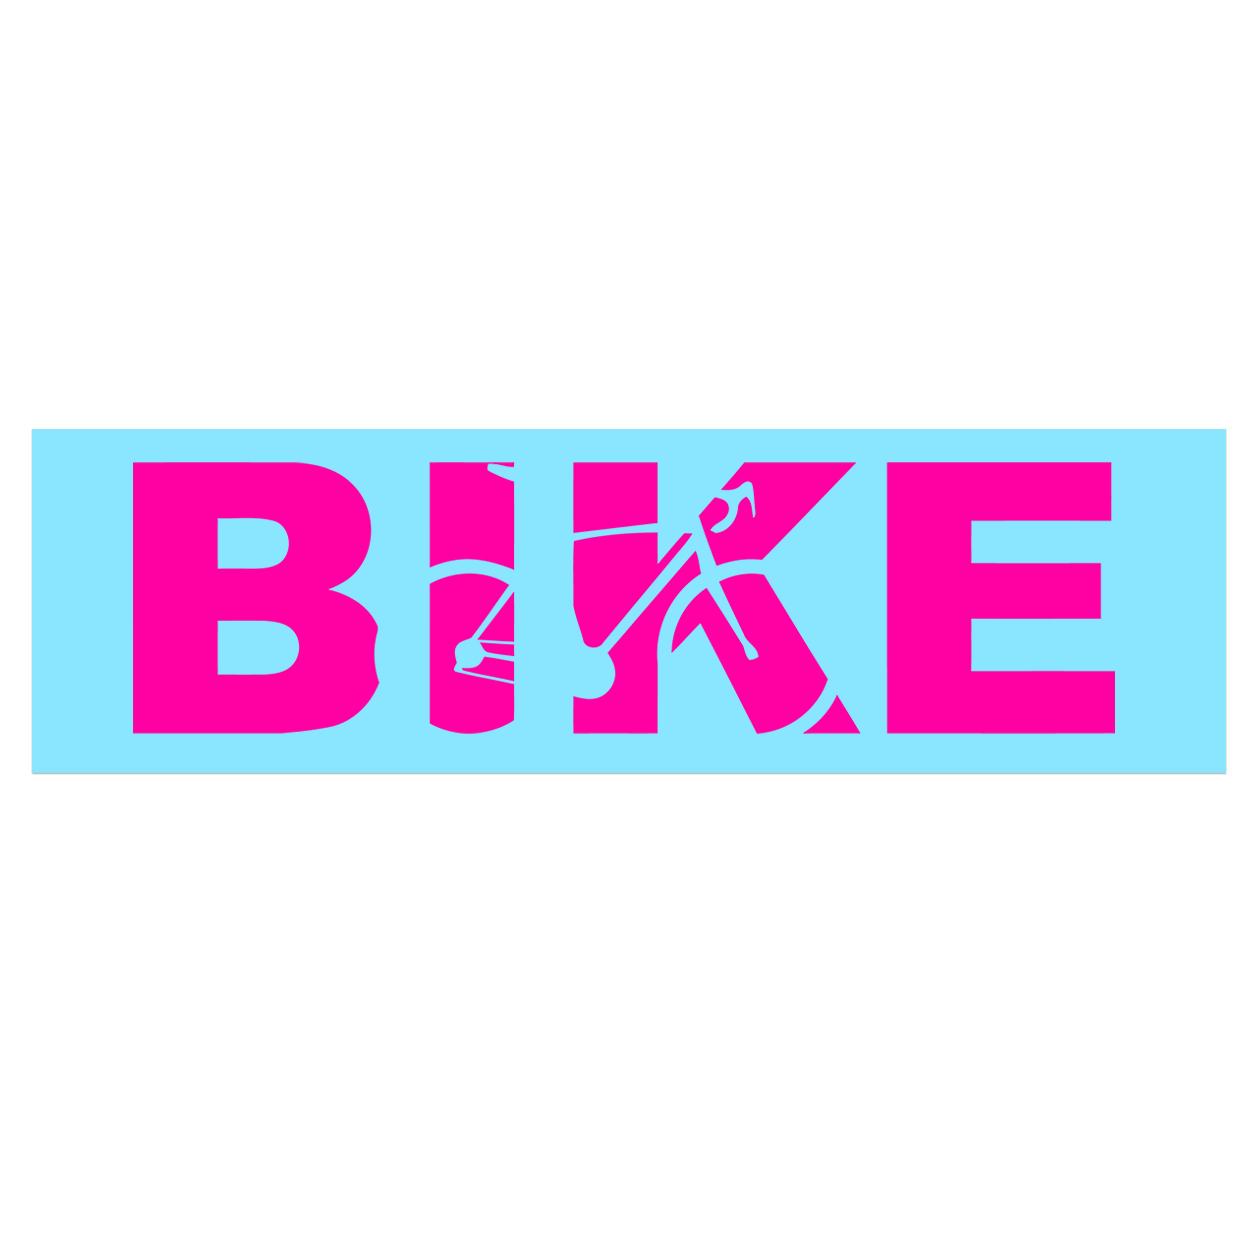 Bike Cycling Logo Classic Decal (Pink Logo)